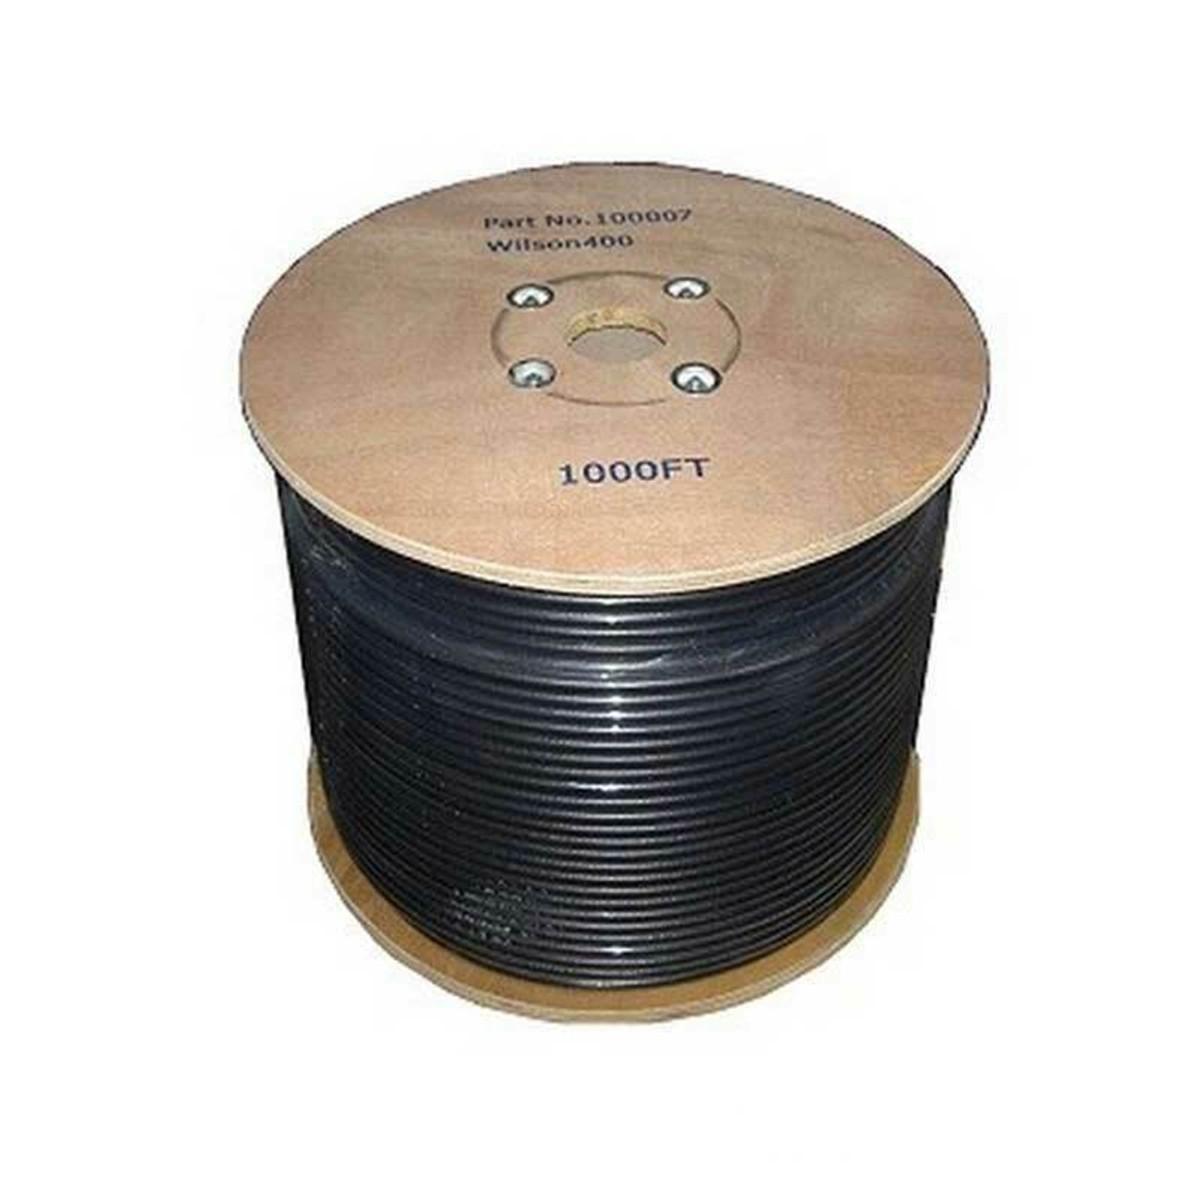 Bolton Tech The Arrow LPDA – High Gain Directional Antenna – Bolton Technical